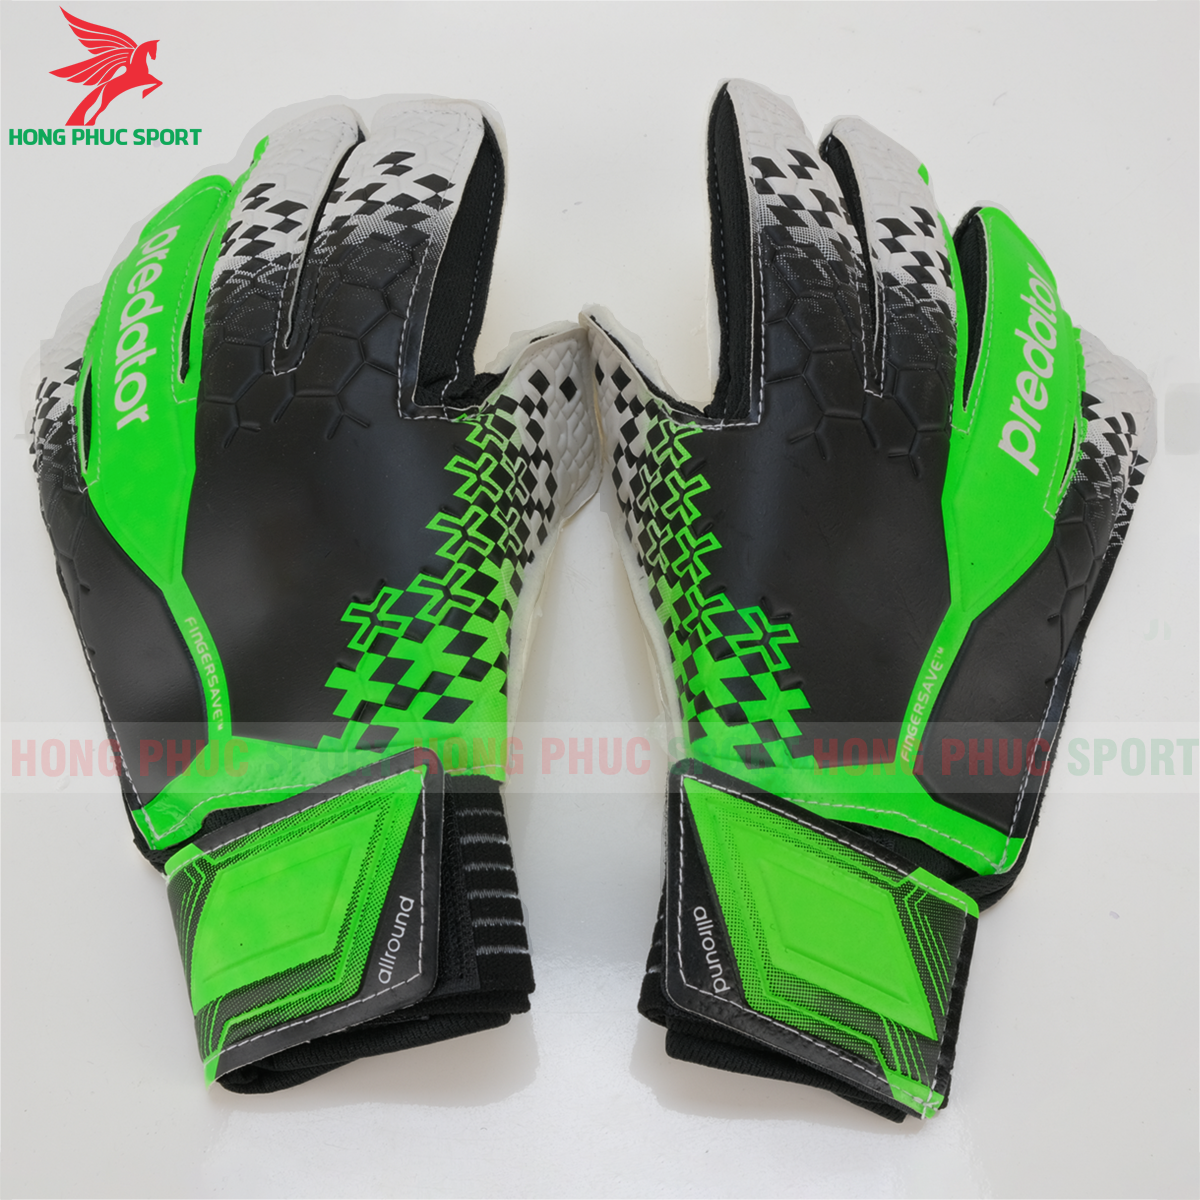 Găng tay thủ môn Adidas Predator All mẫu 1